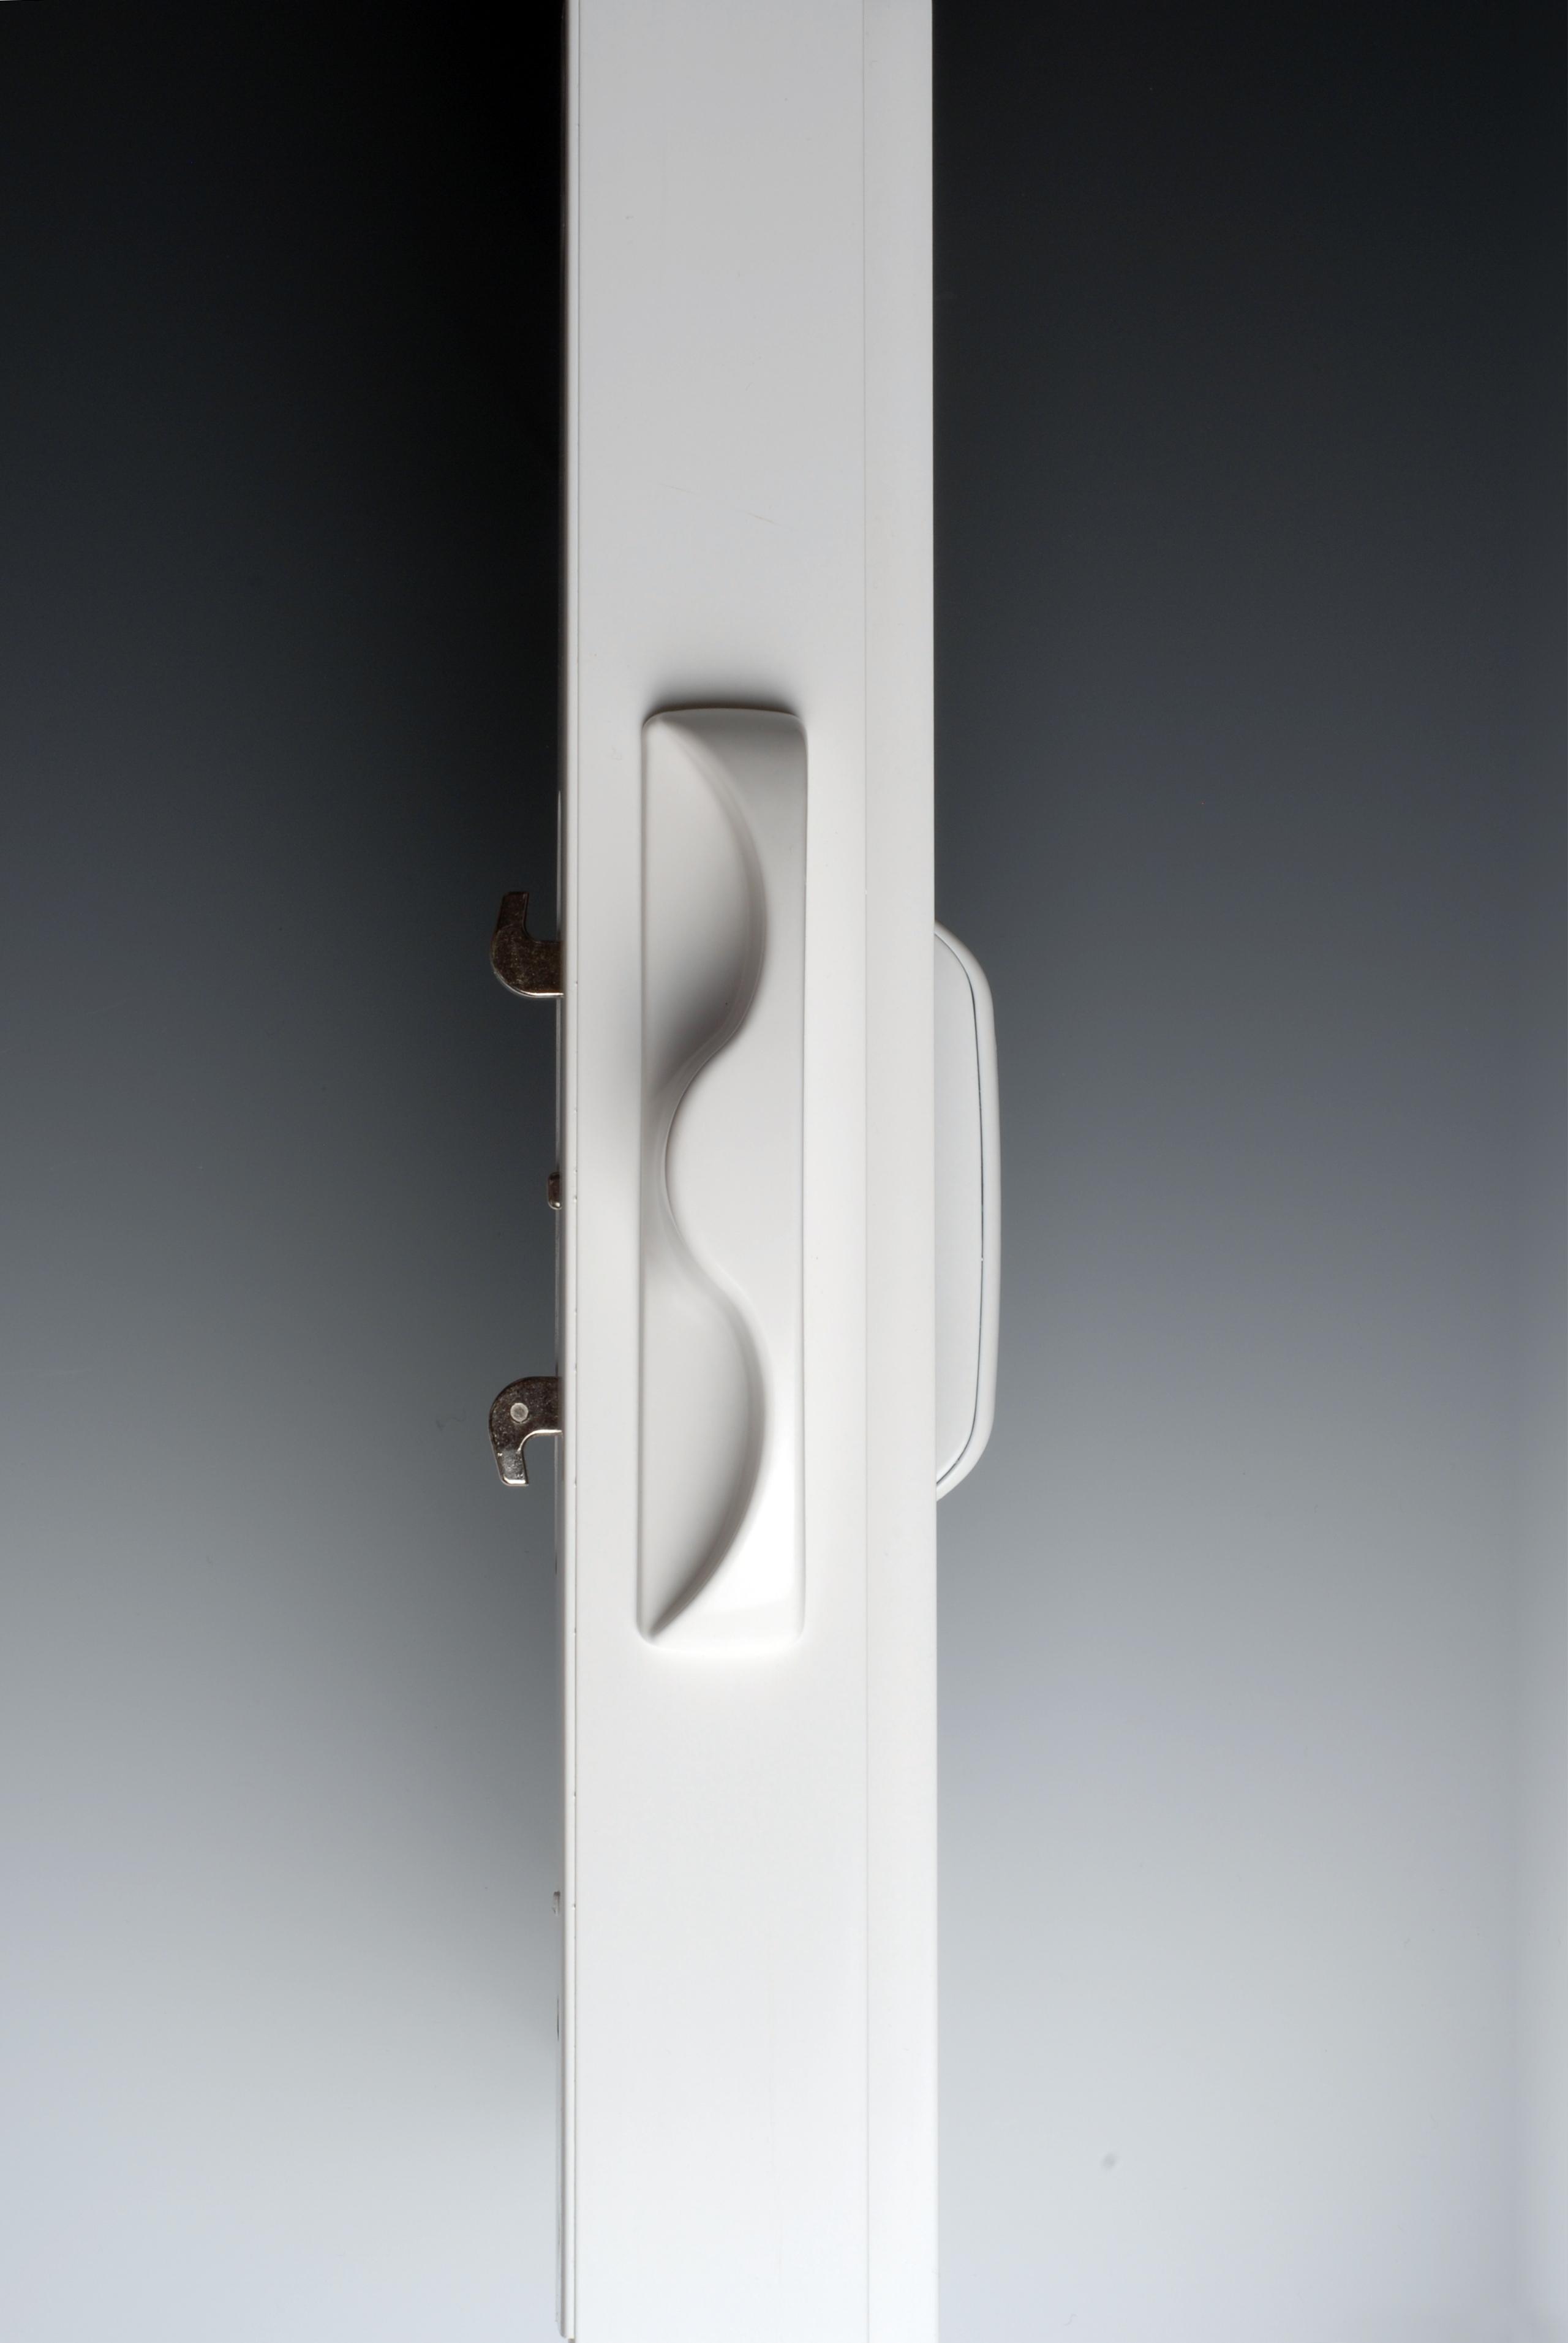 Milgard Sliding Door Hardwaremontecito series vinyl sliding patio doors milgard windows